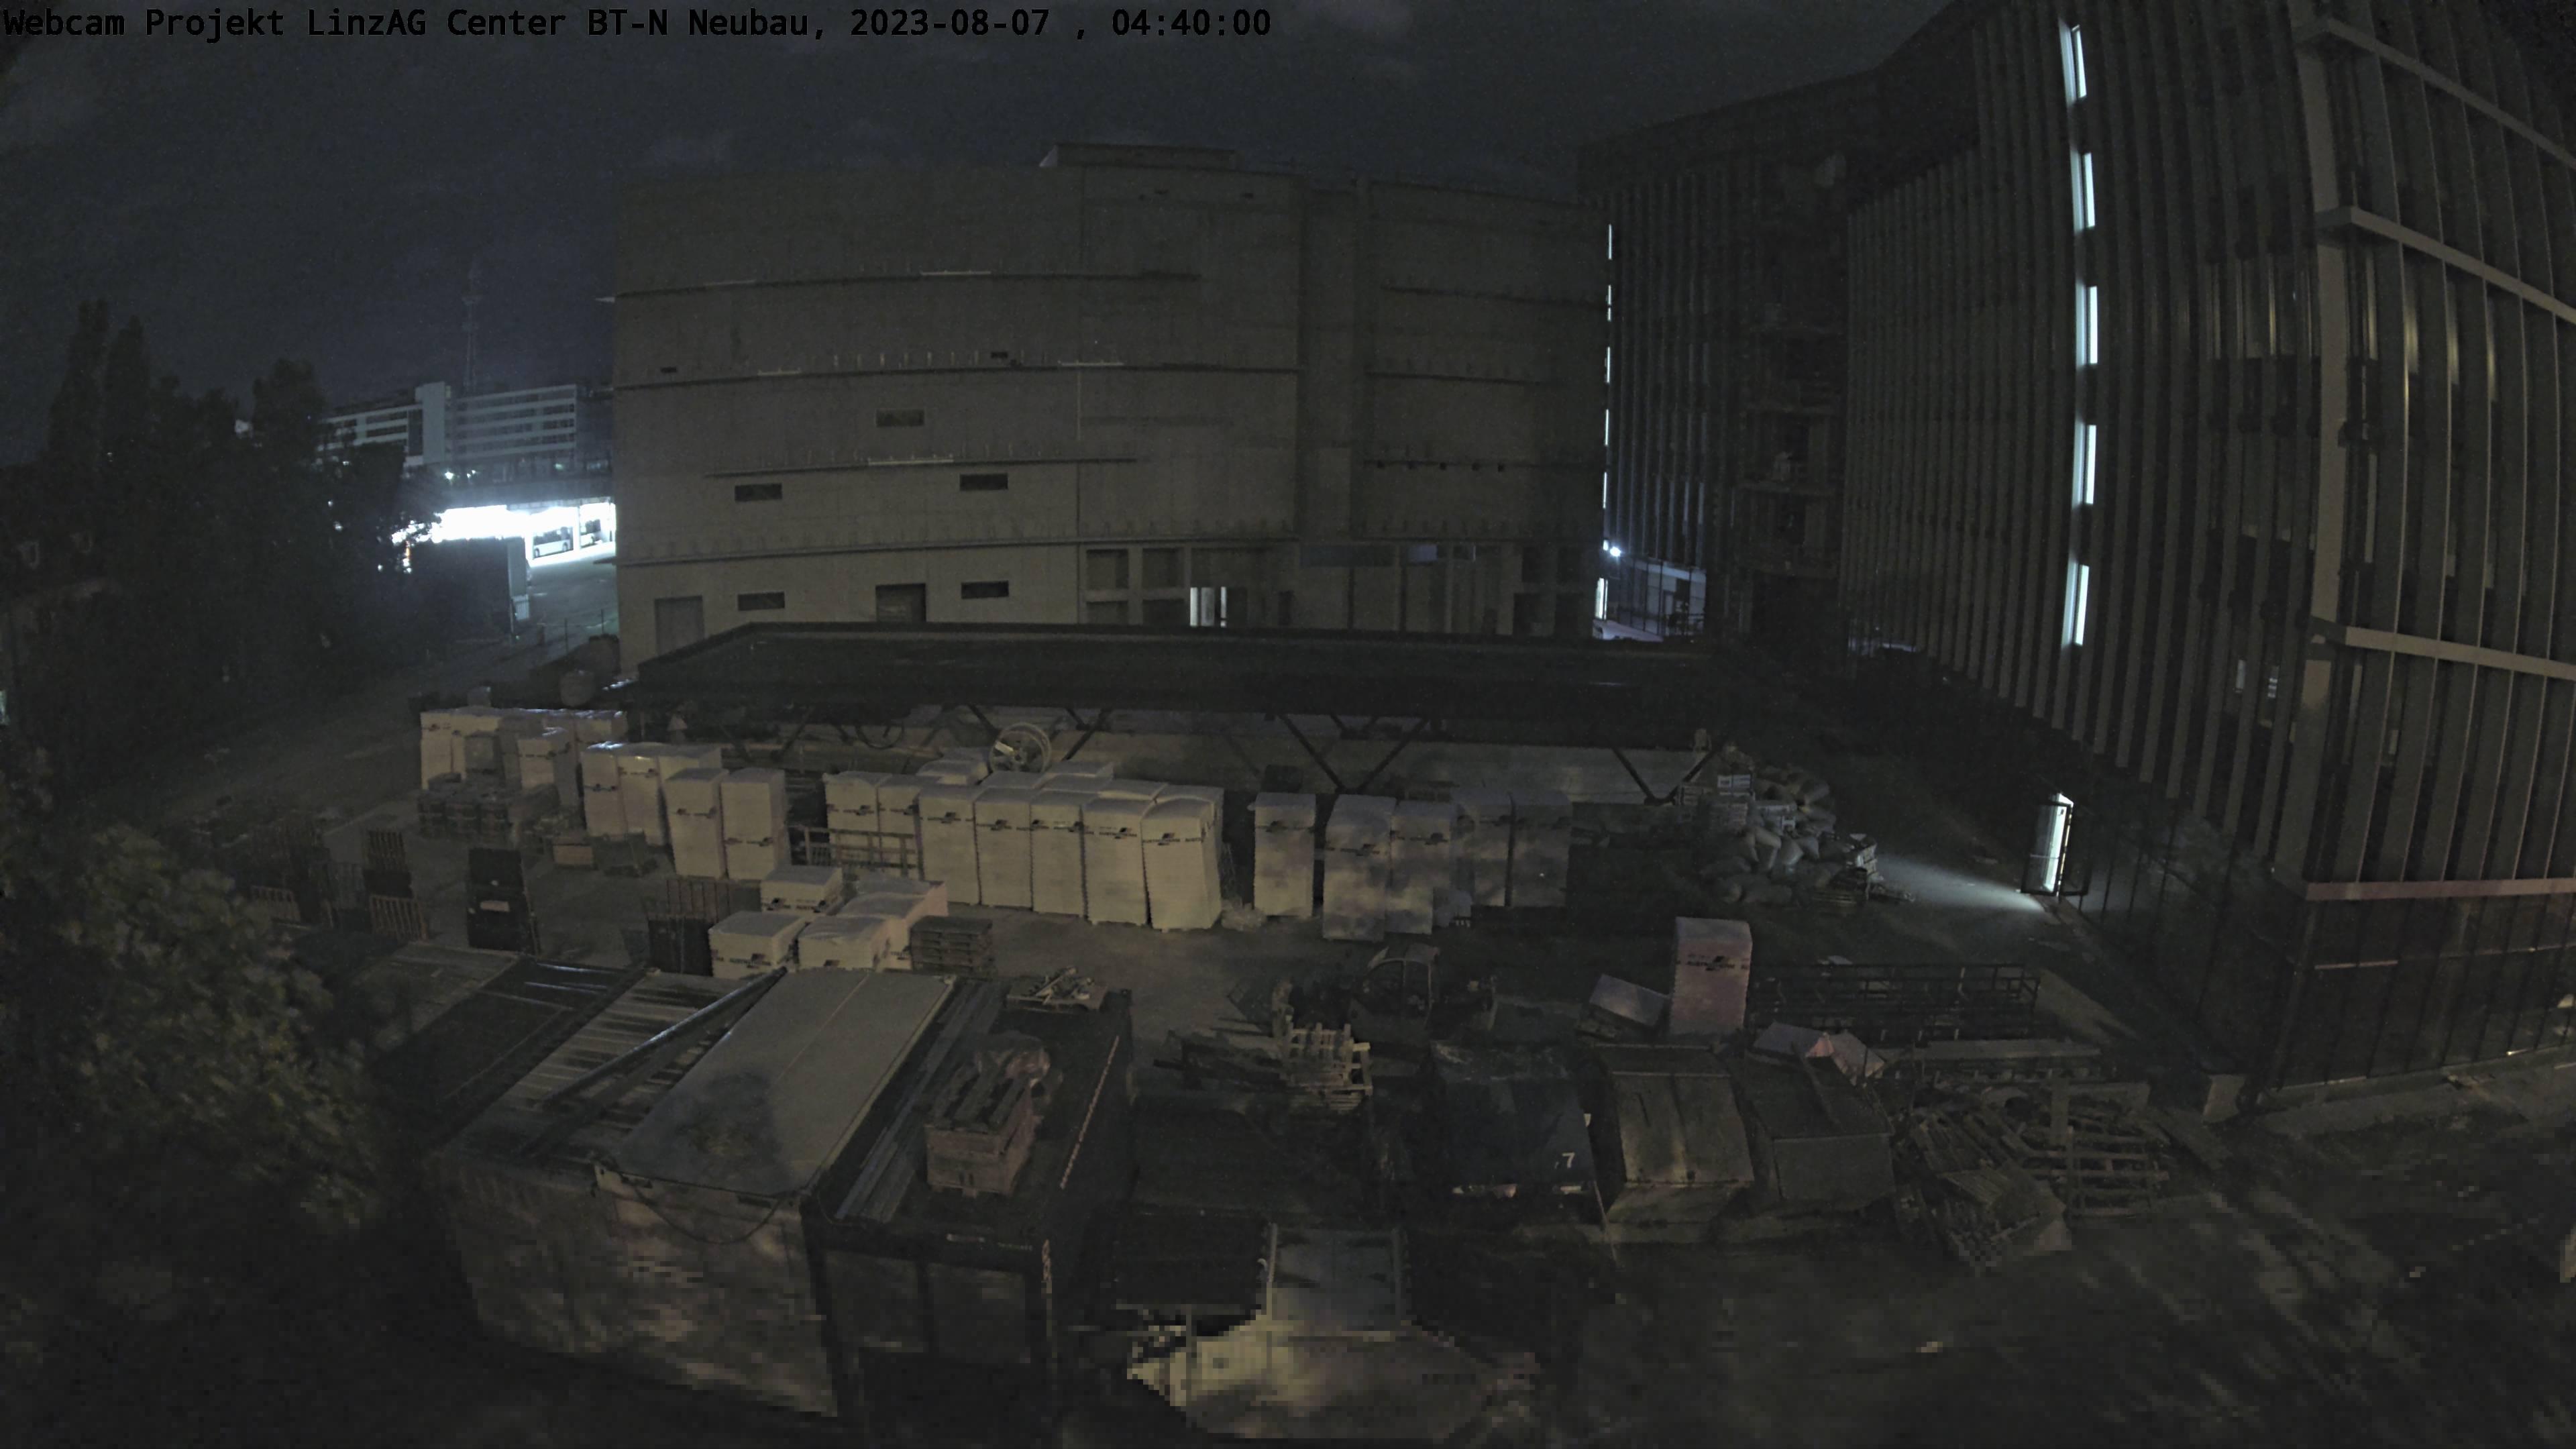 Webcam 'Bauteil N' Nord